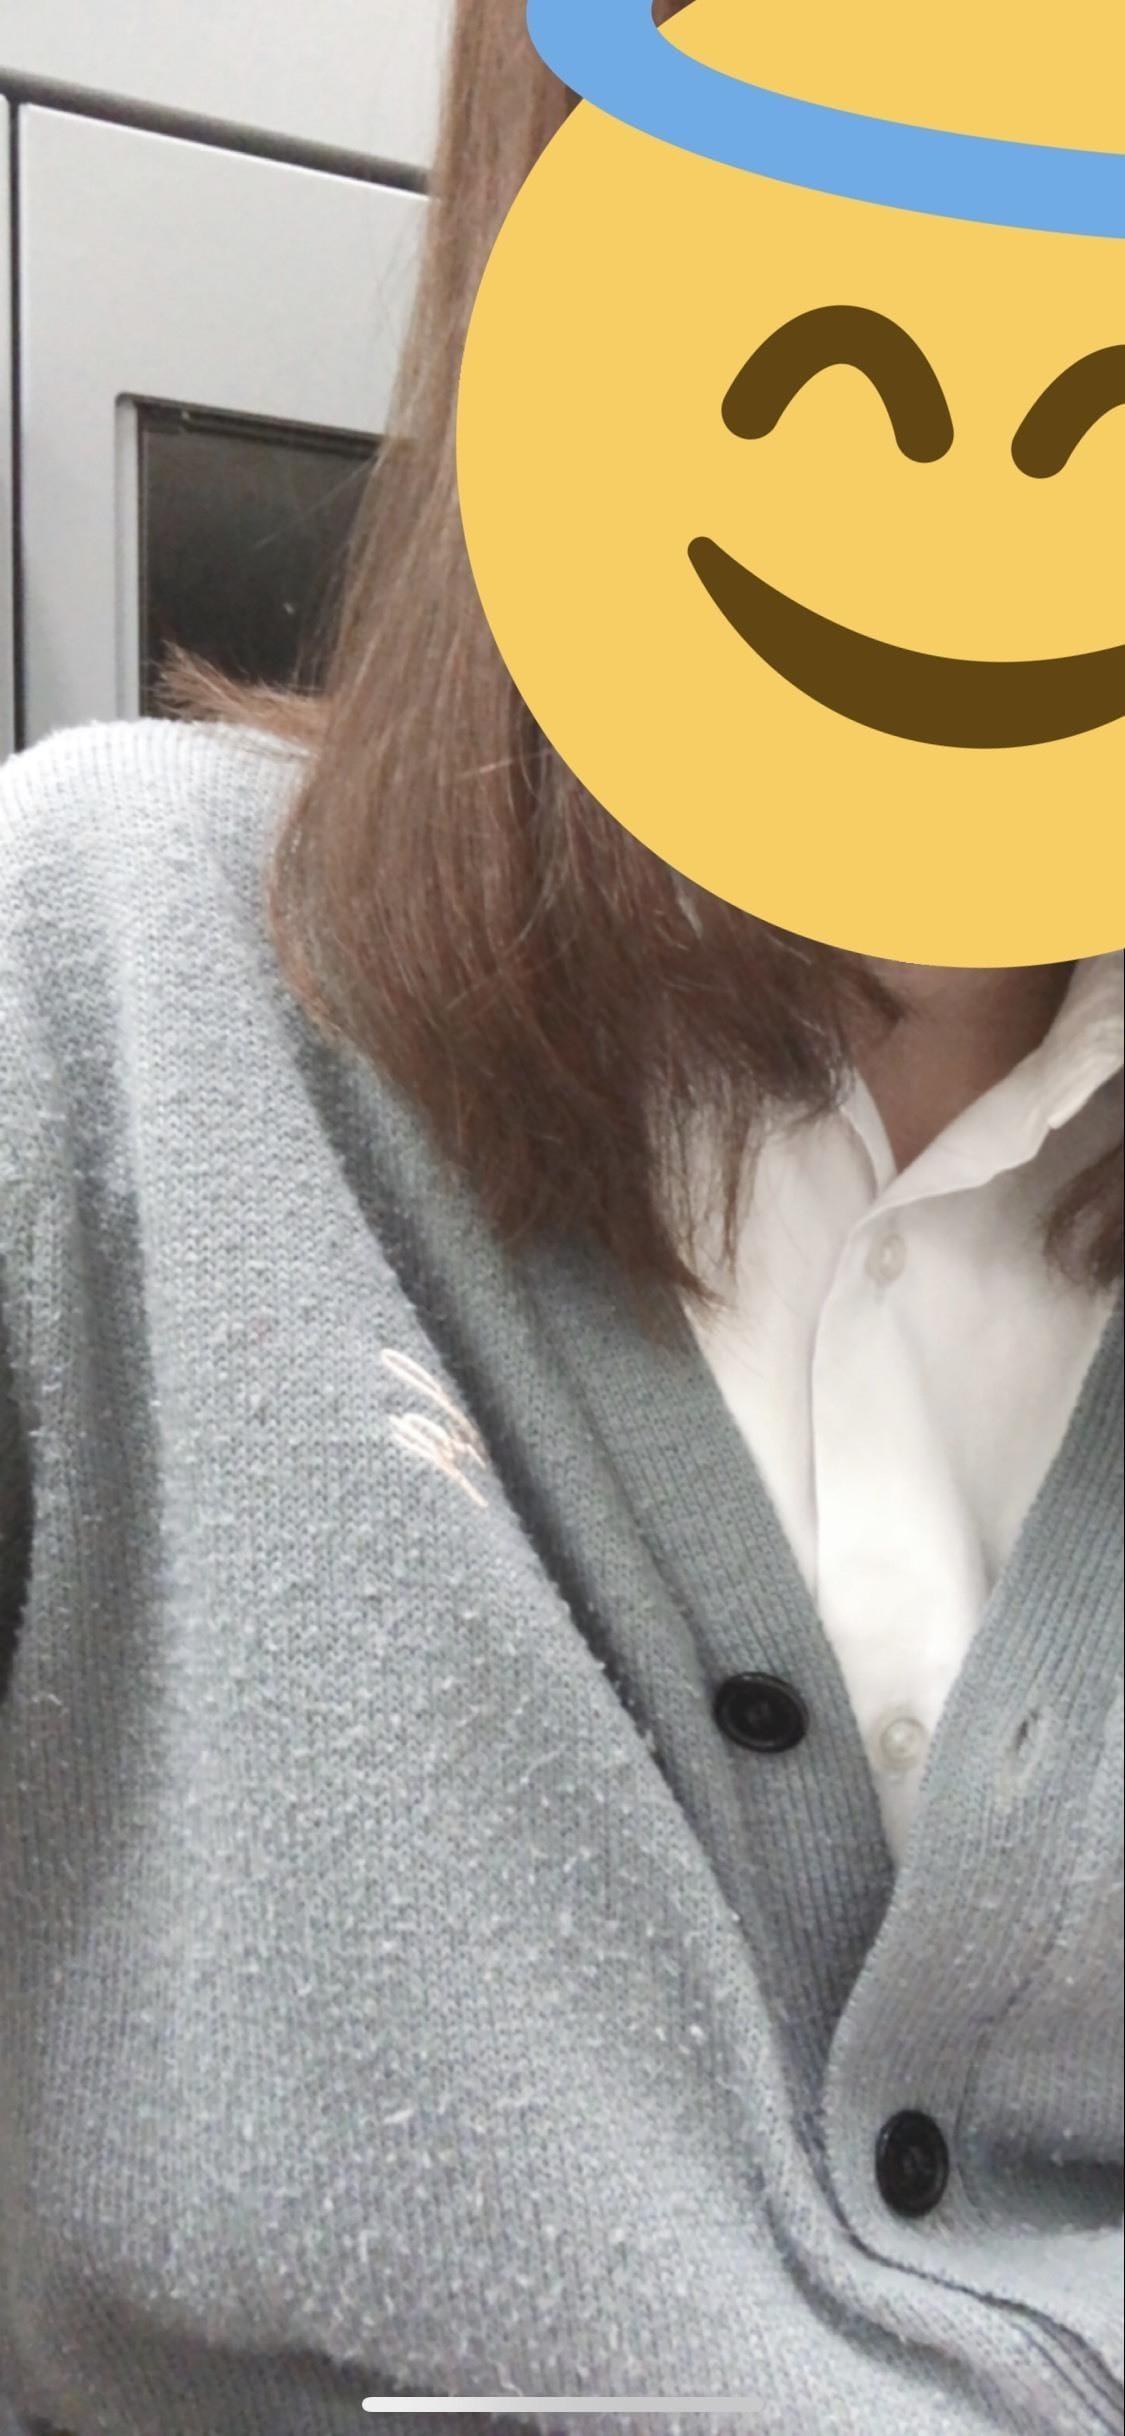 「お礼⊂( ?o? )⊃」11/14(水) 00:01 | ほのかの写メ・風俗動画